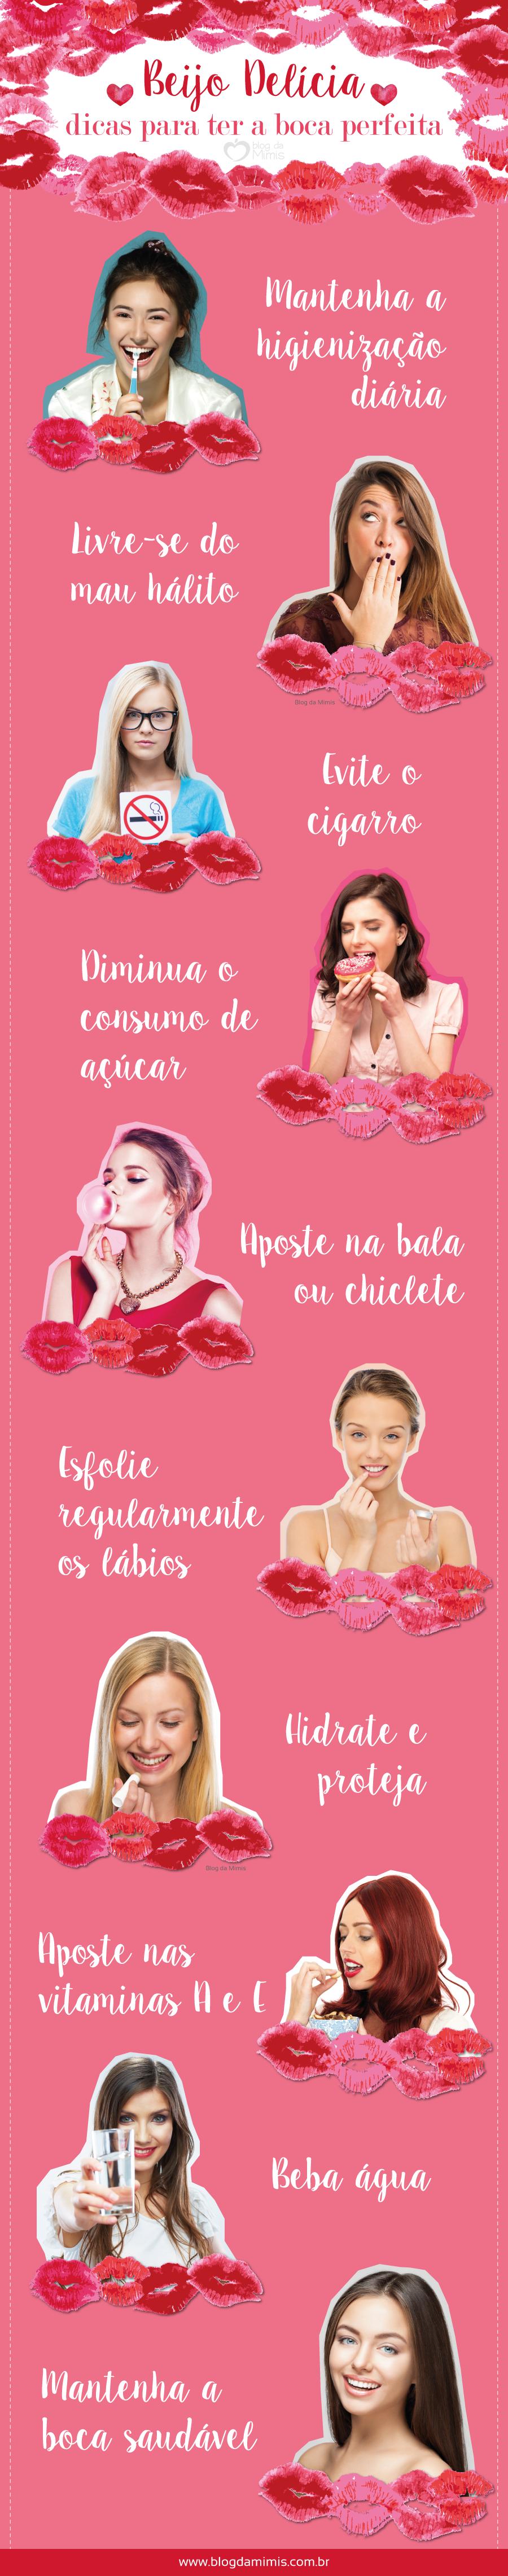 beijo-delícia-blog-da-mimis-michelle-franzoni-post